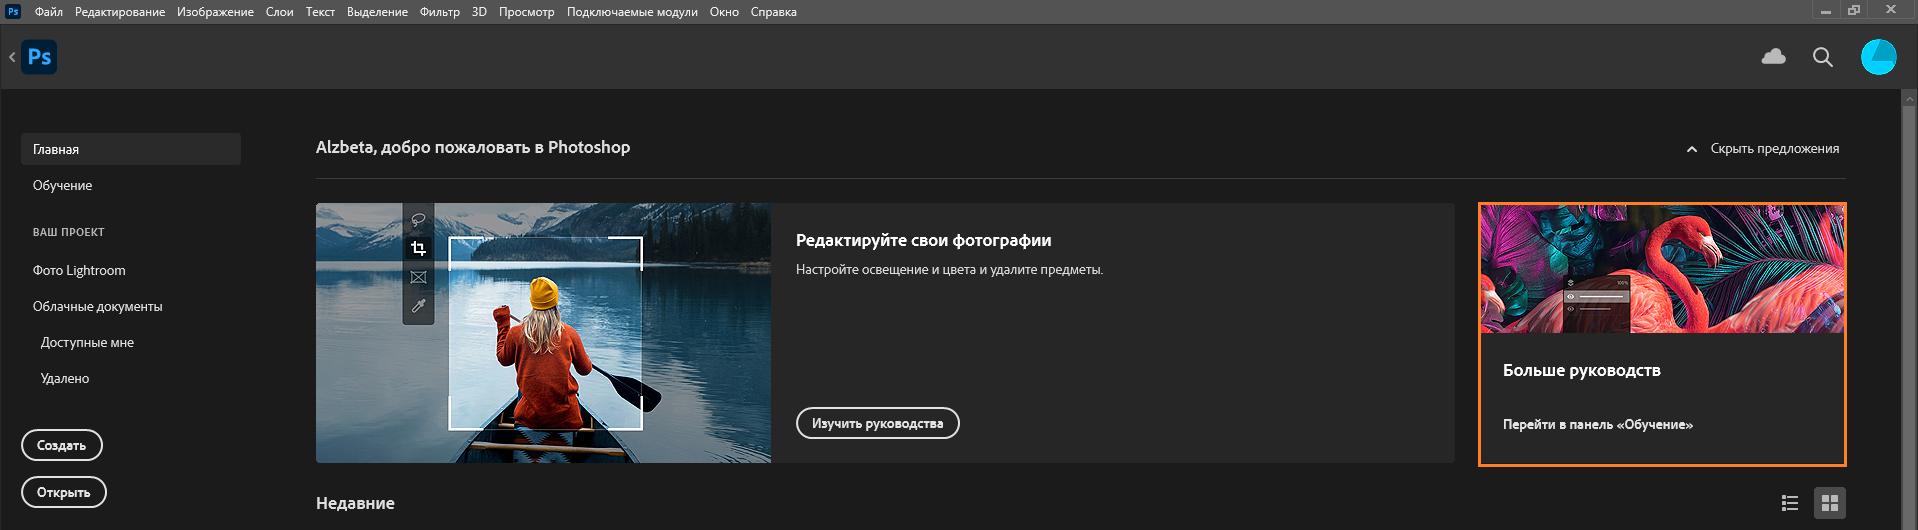 Экран «Новые возможности» в Photoshop